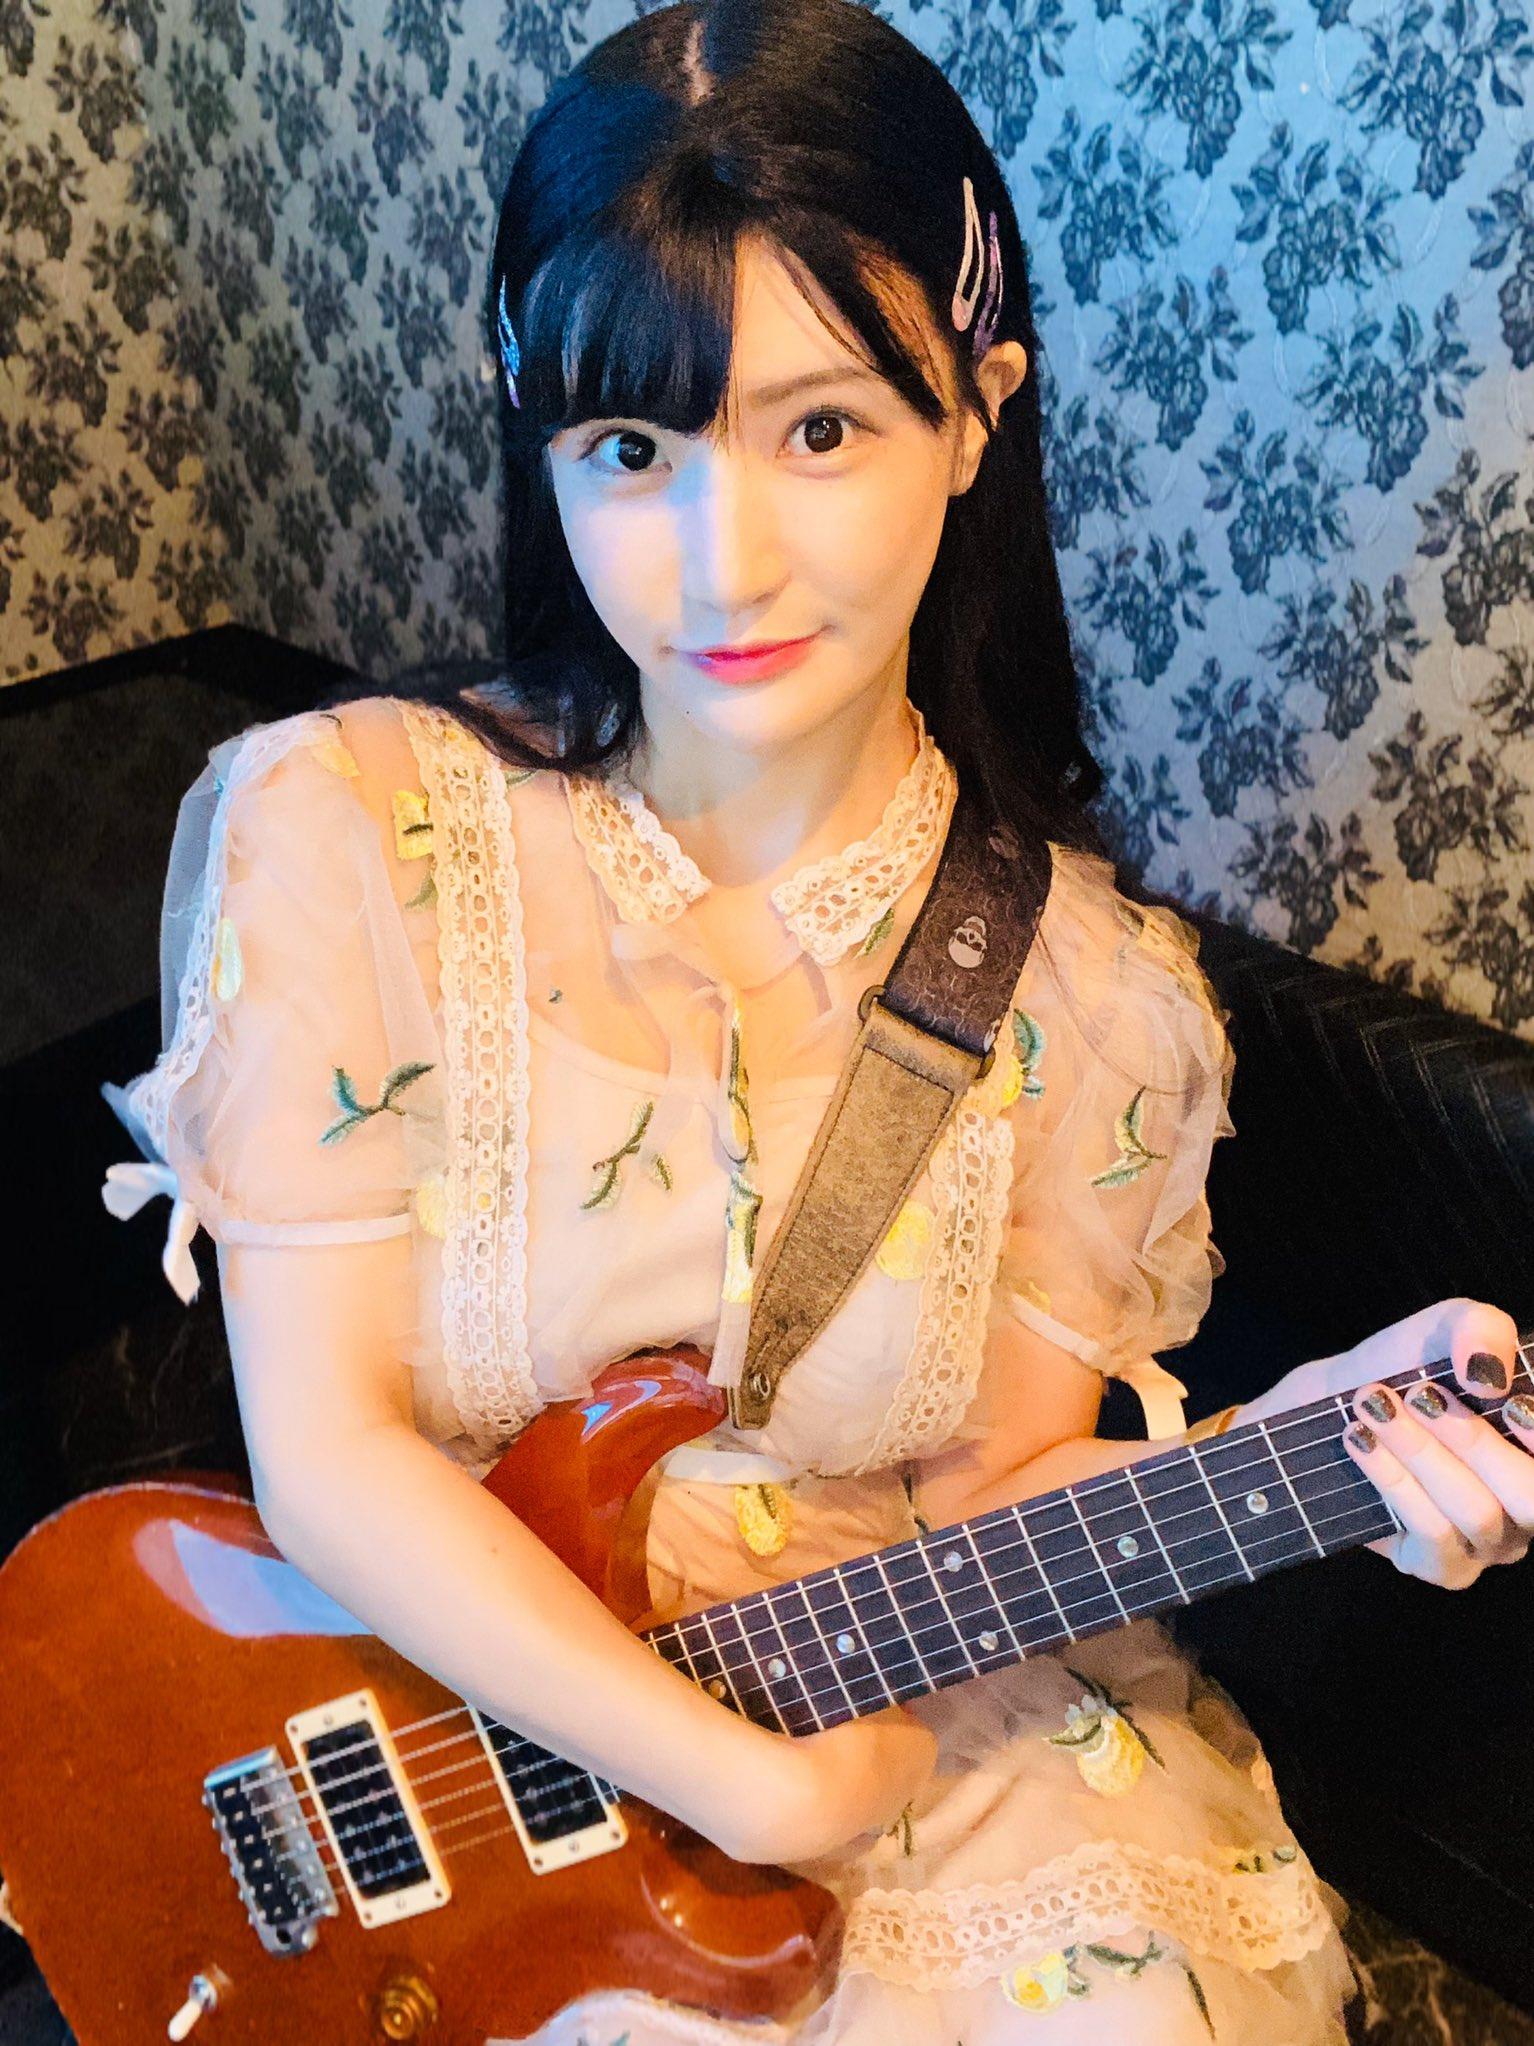 Shoko Takahashi